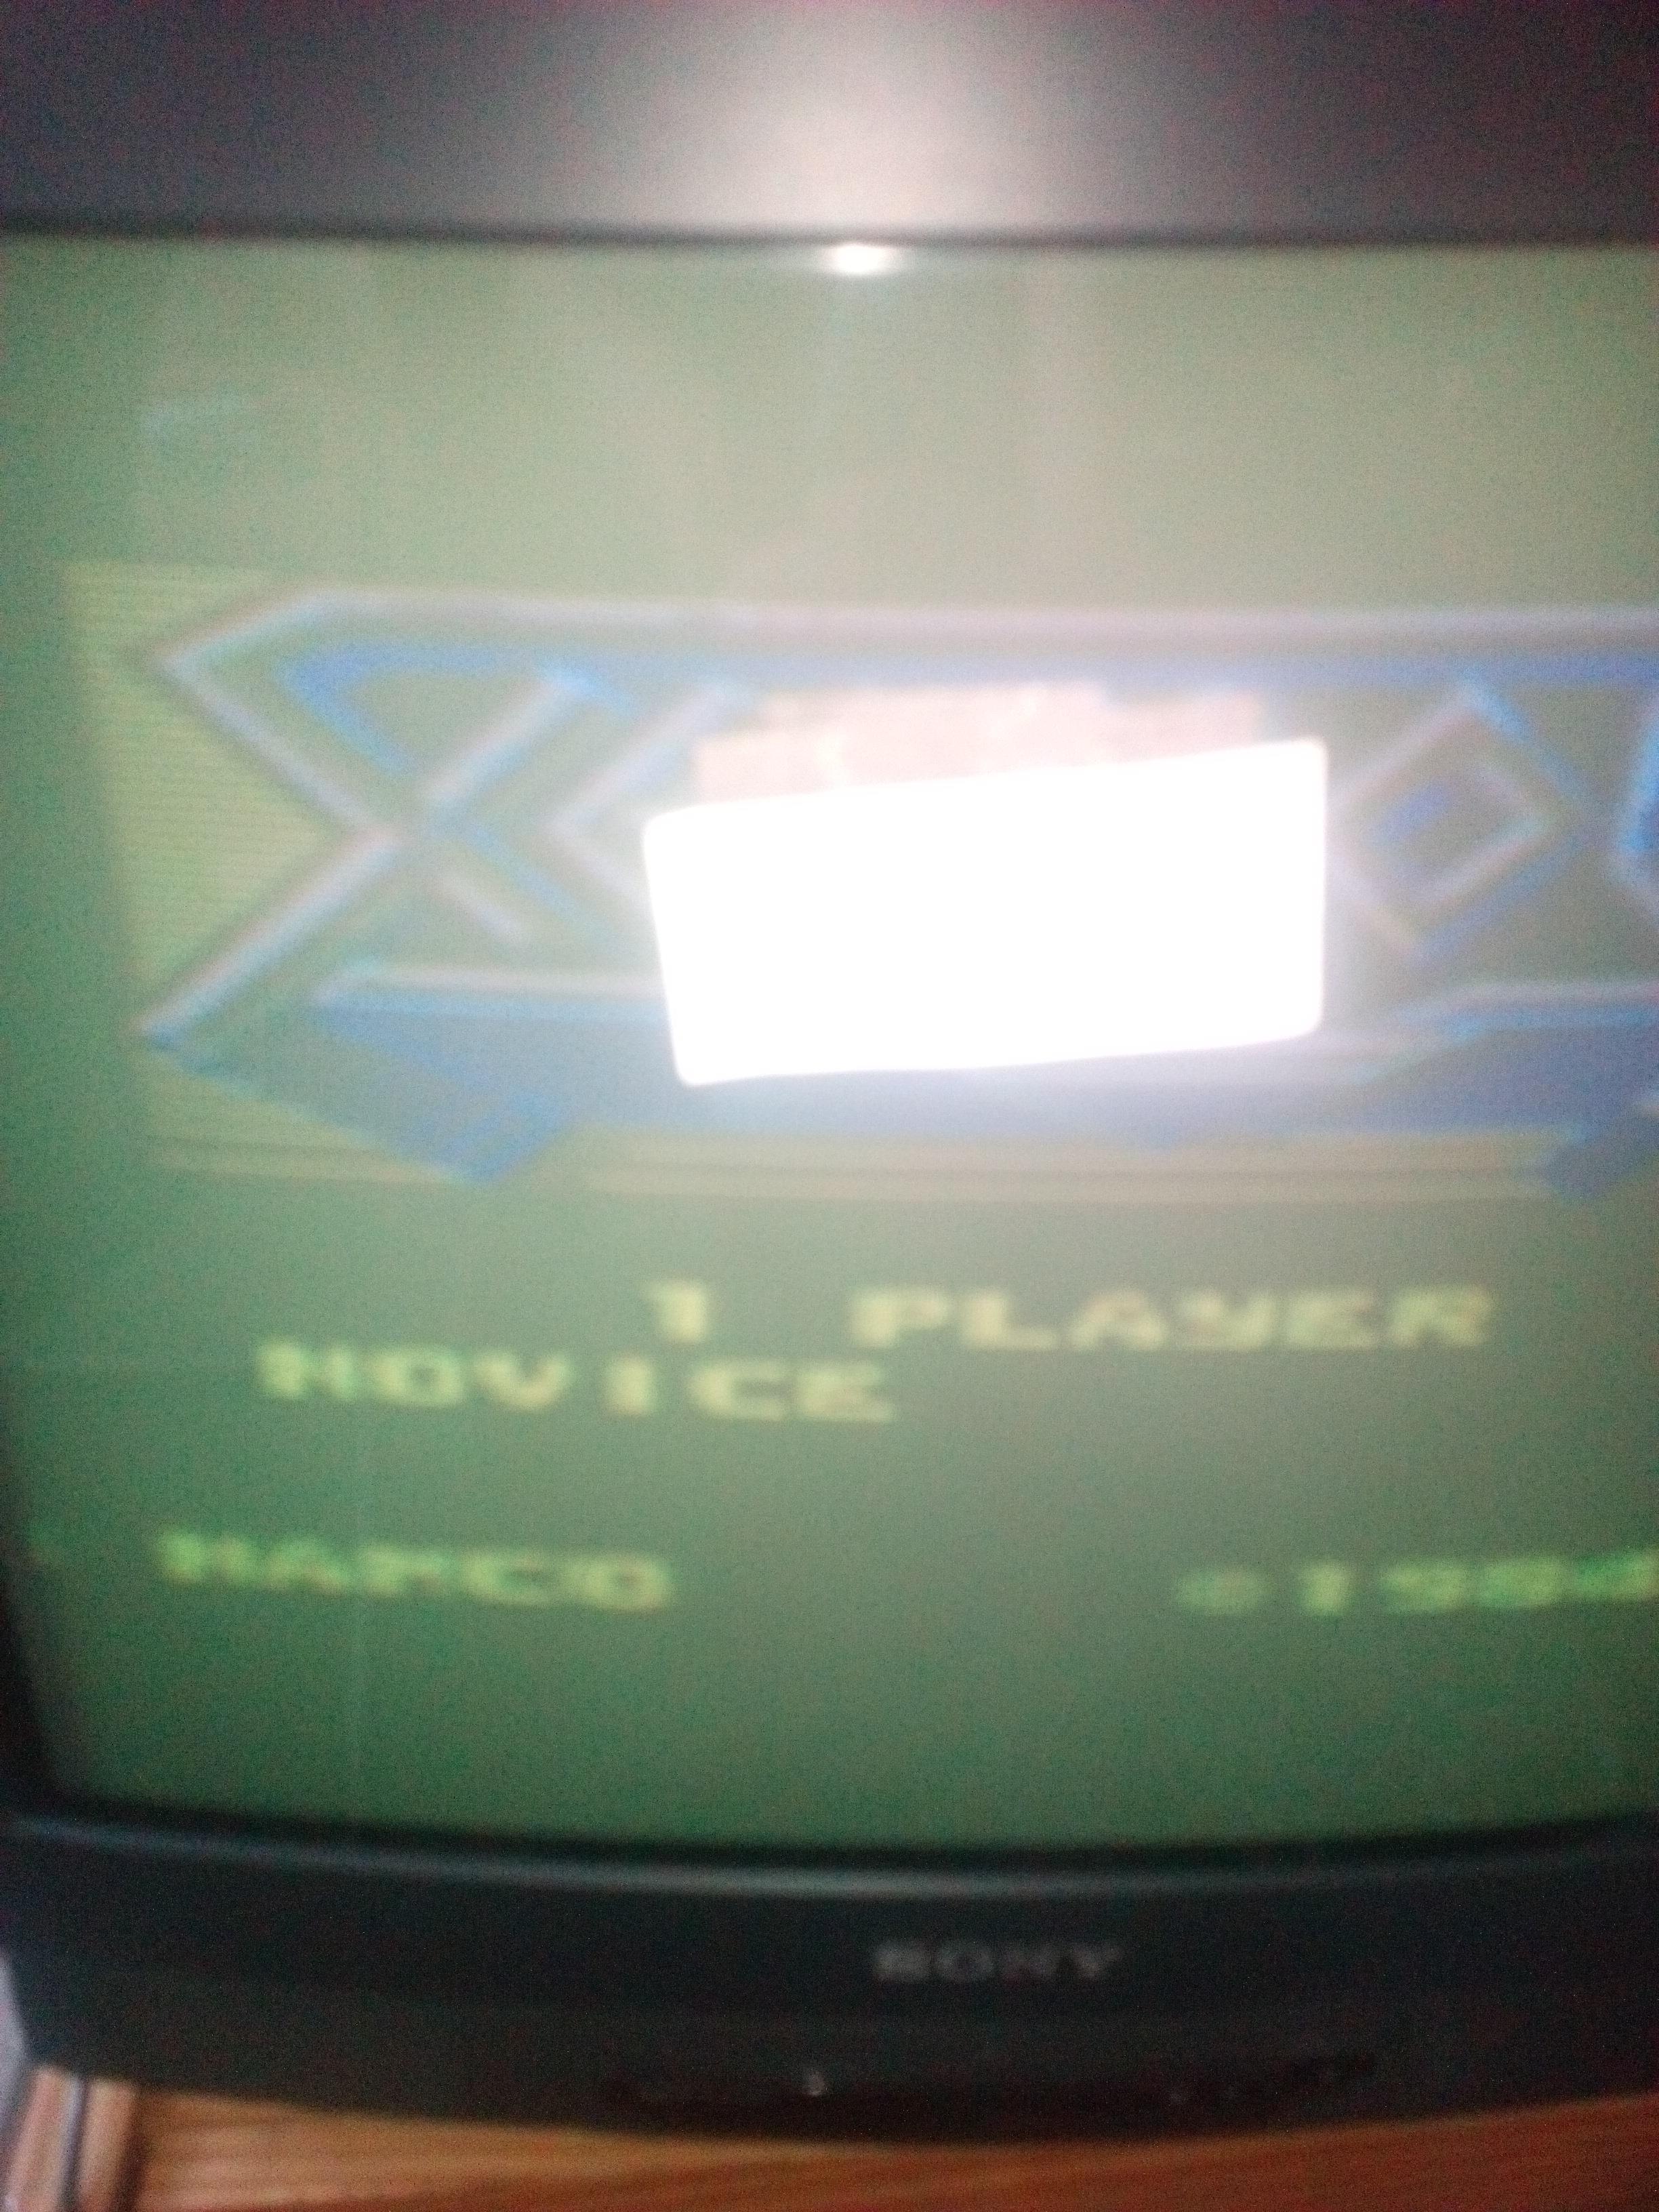 Xevious: Novice 19,440 points